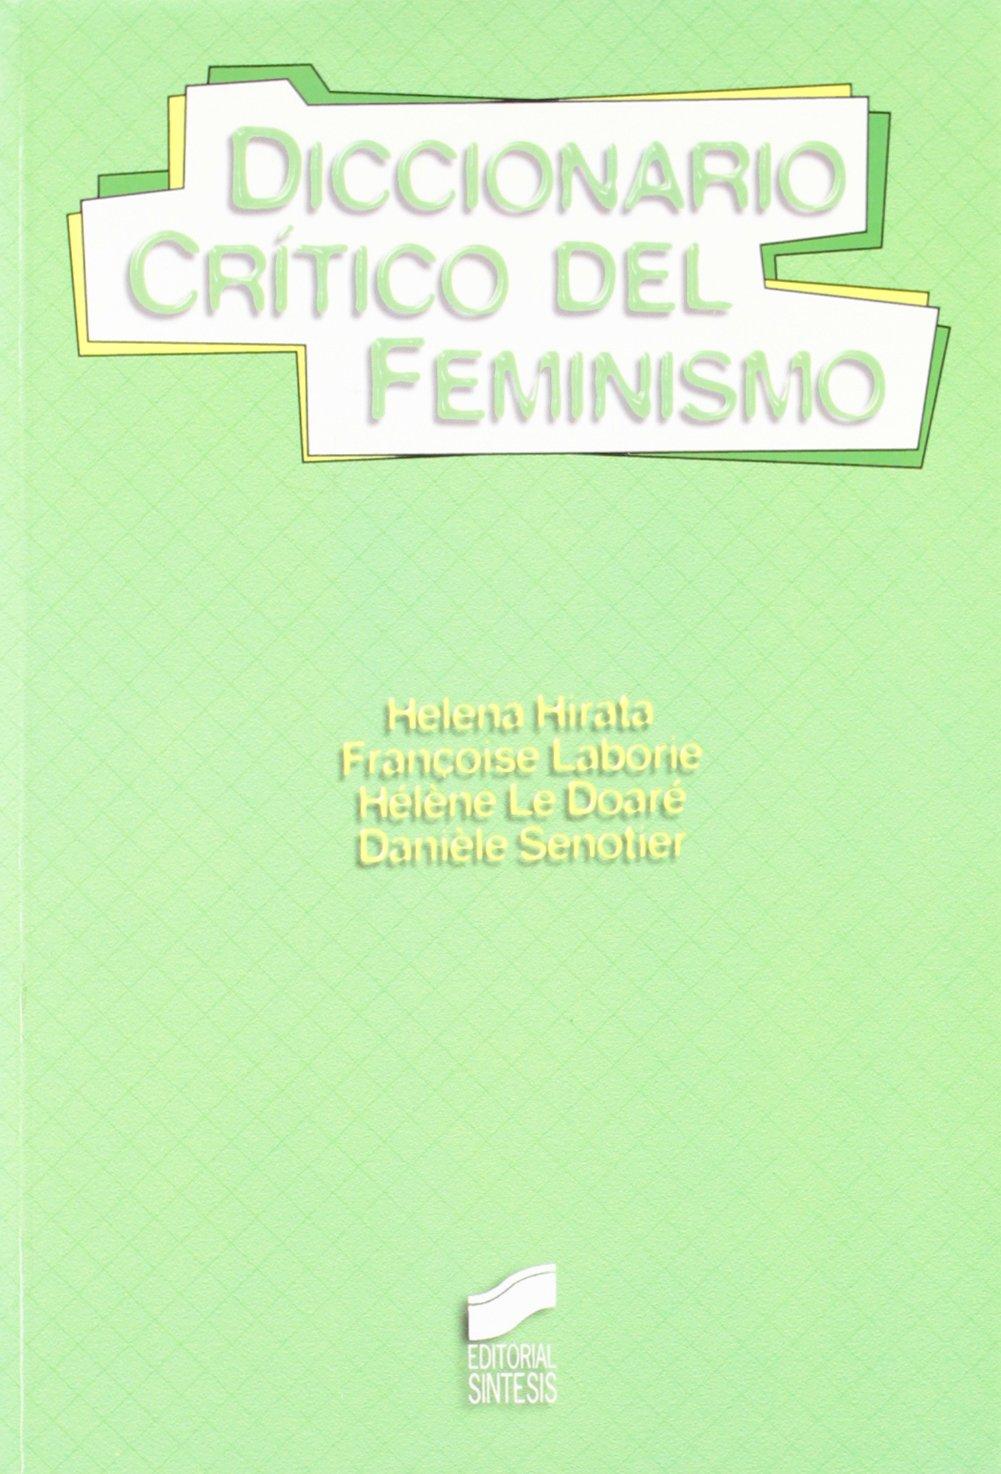 DICCIONARIO CRITICO DEL FEMINISMO